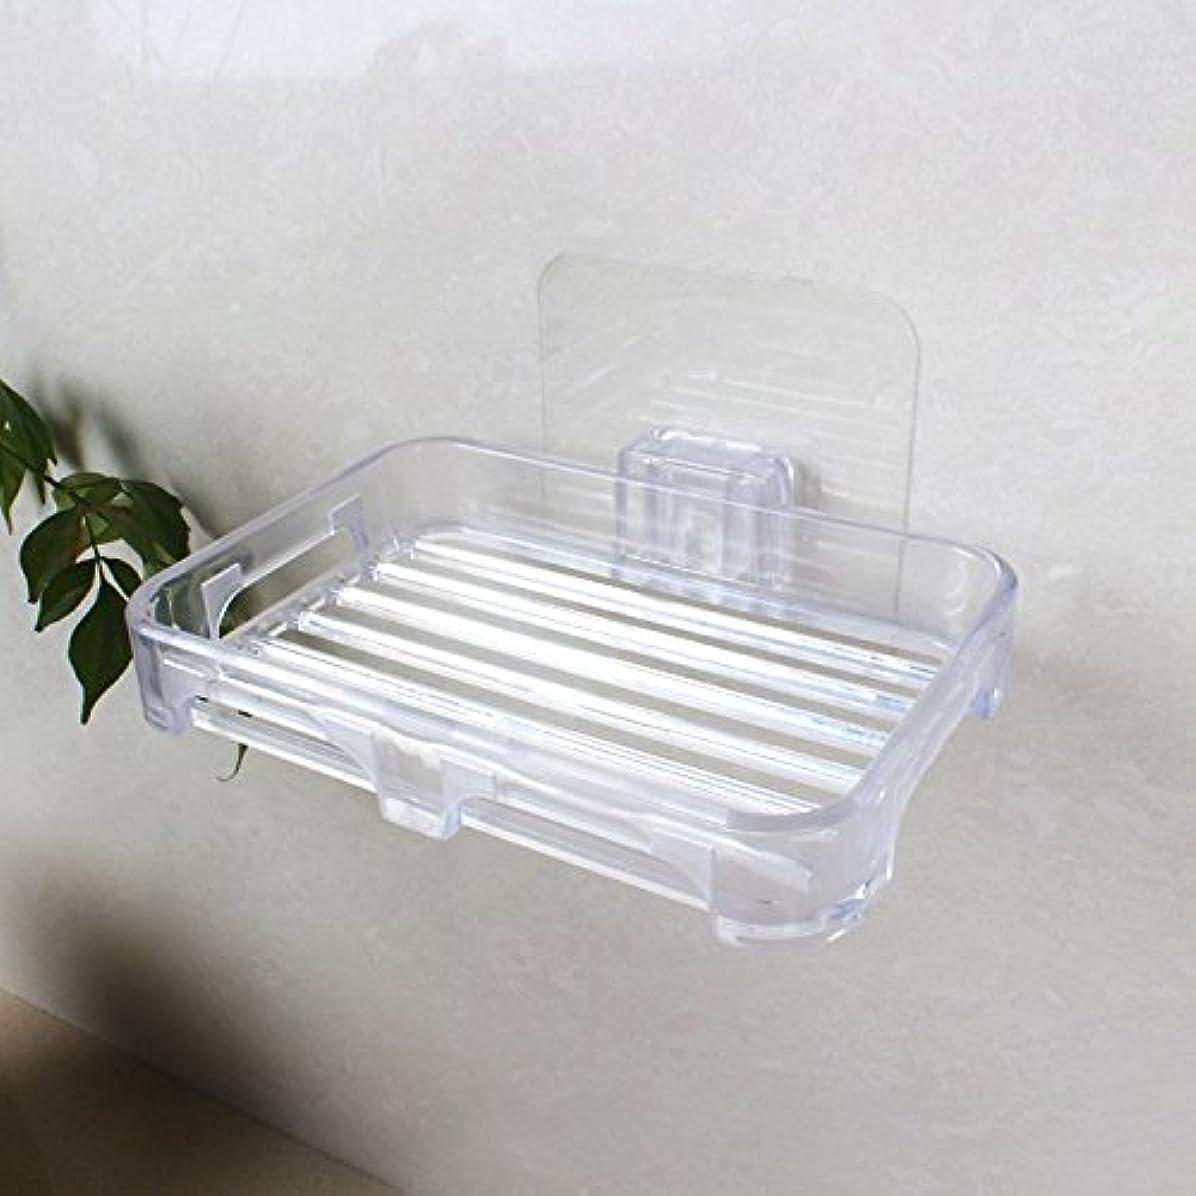 ヒープ料理をするサポートgtvernh-noドリルnoトレースの貼り付け貼り付け強度Soapボックス強力な吸引壁Hangings透明色Lishuiソープホルダーソープボックスホルダー 6484987035585